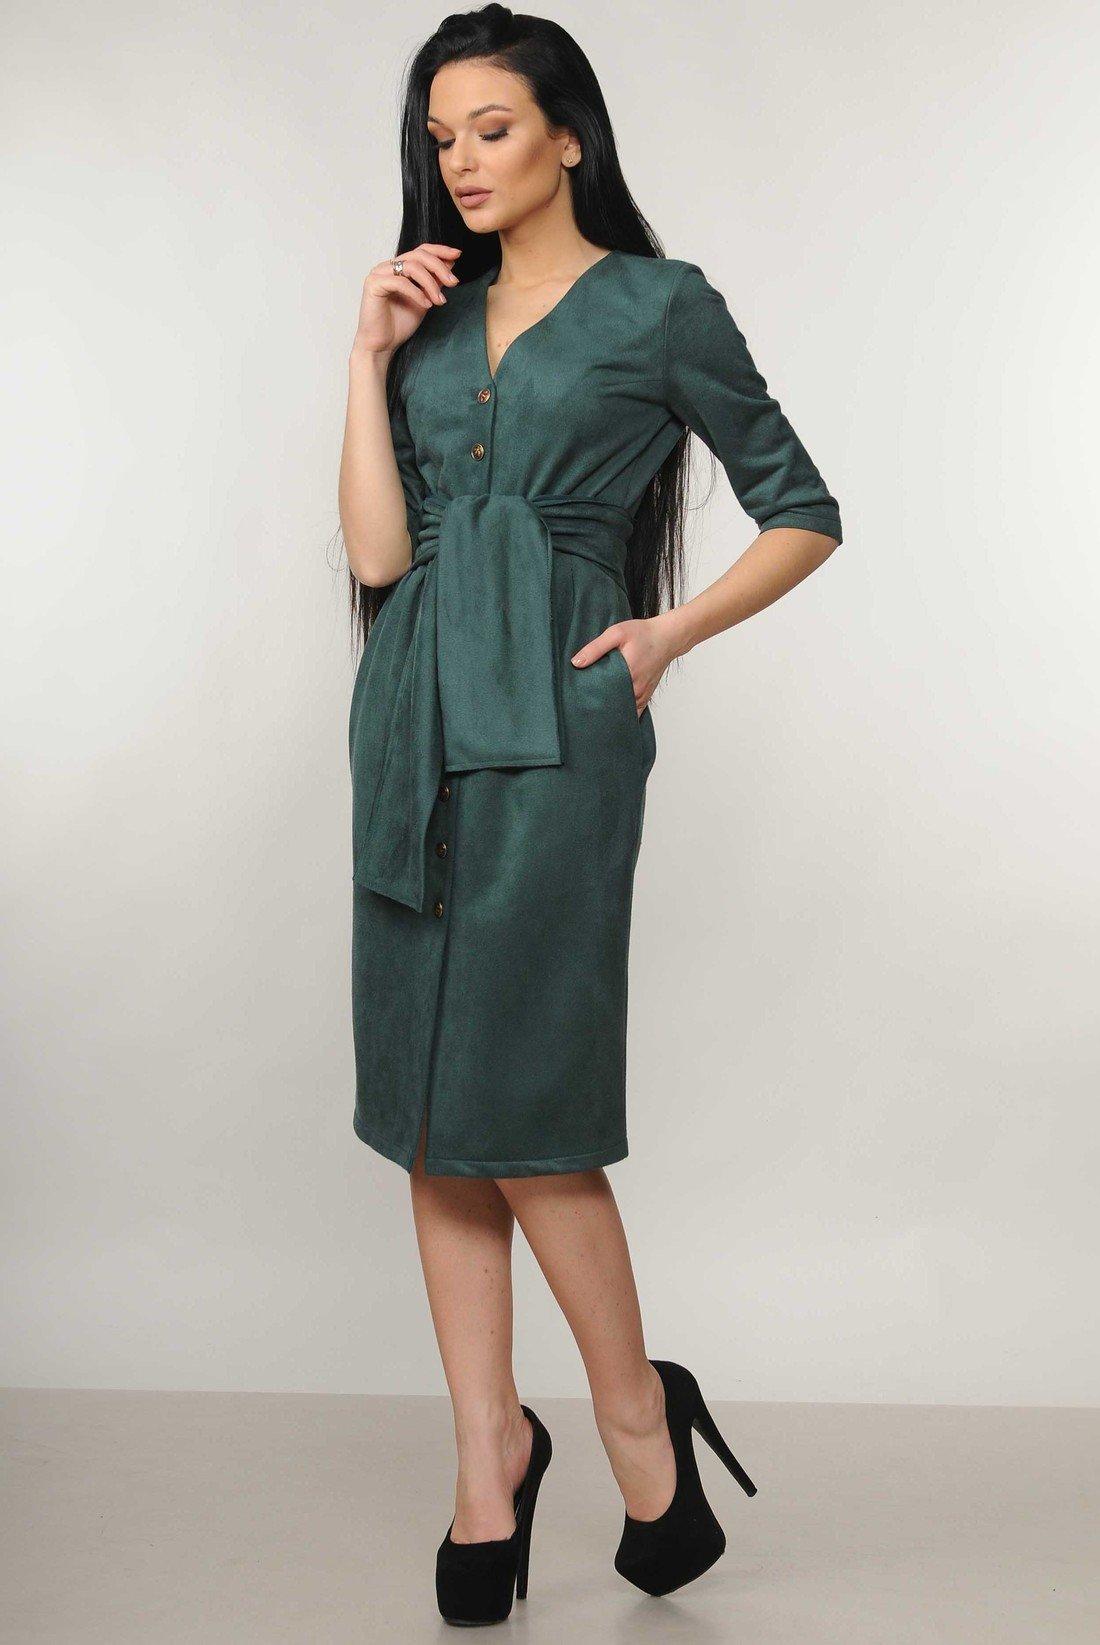 49d0d24875a9d0 Замшеве плаття ❁ купити сукню зі штучної замші недорого в інтернет ...